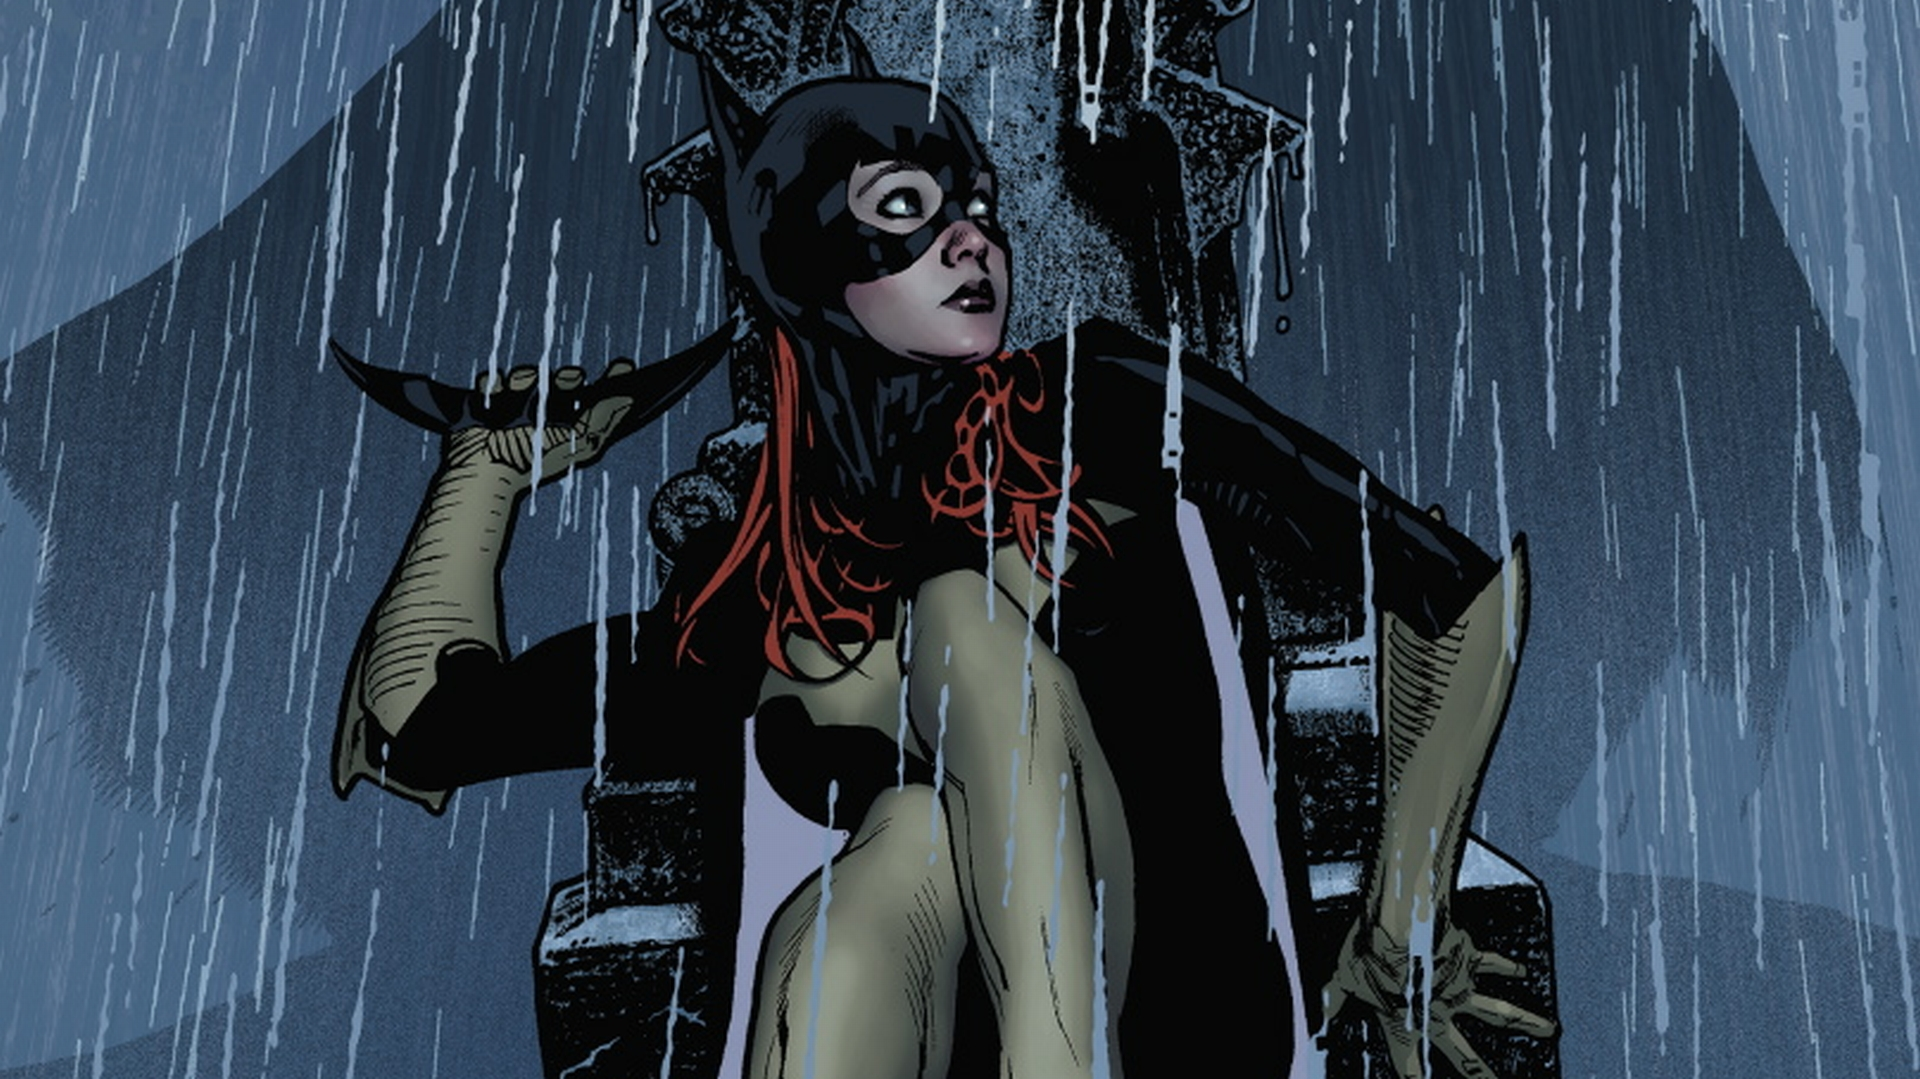 batgirl from dc comics wallpaper - photo #12